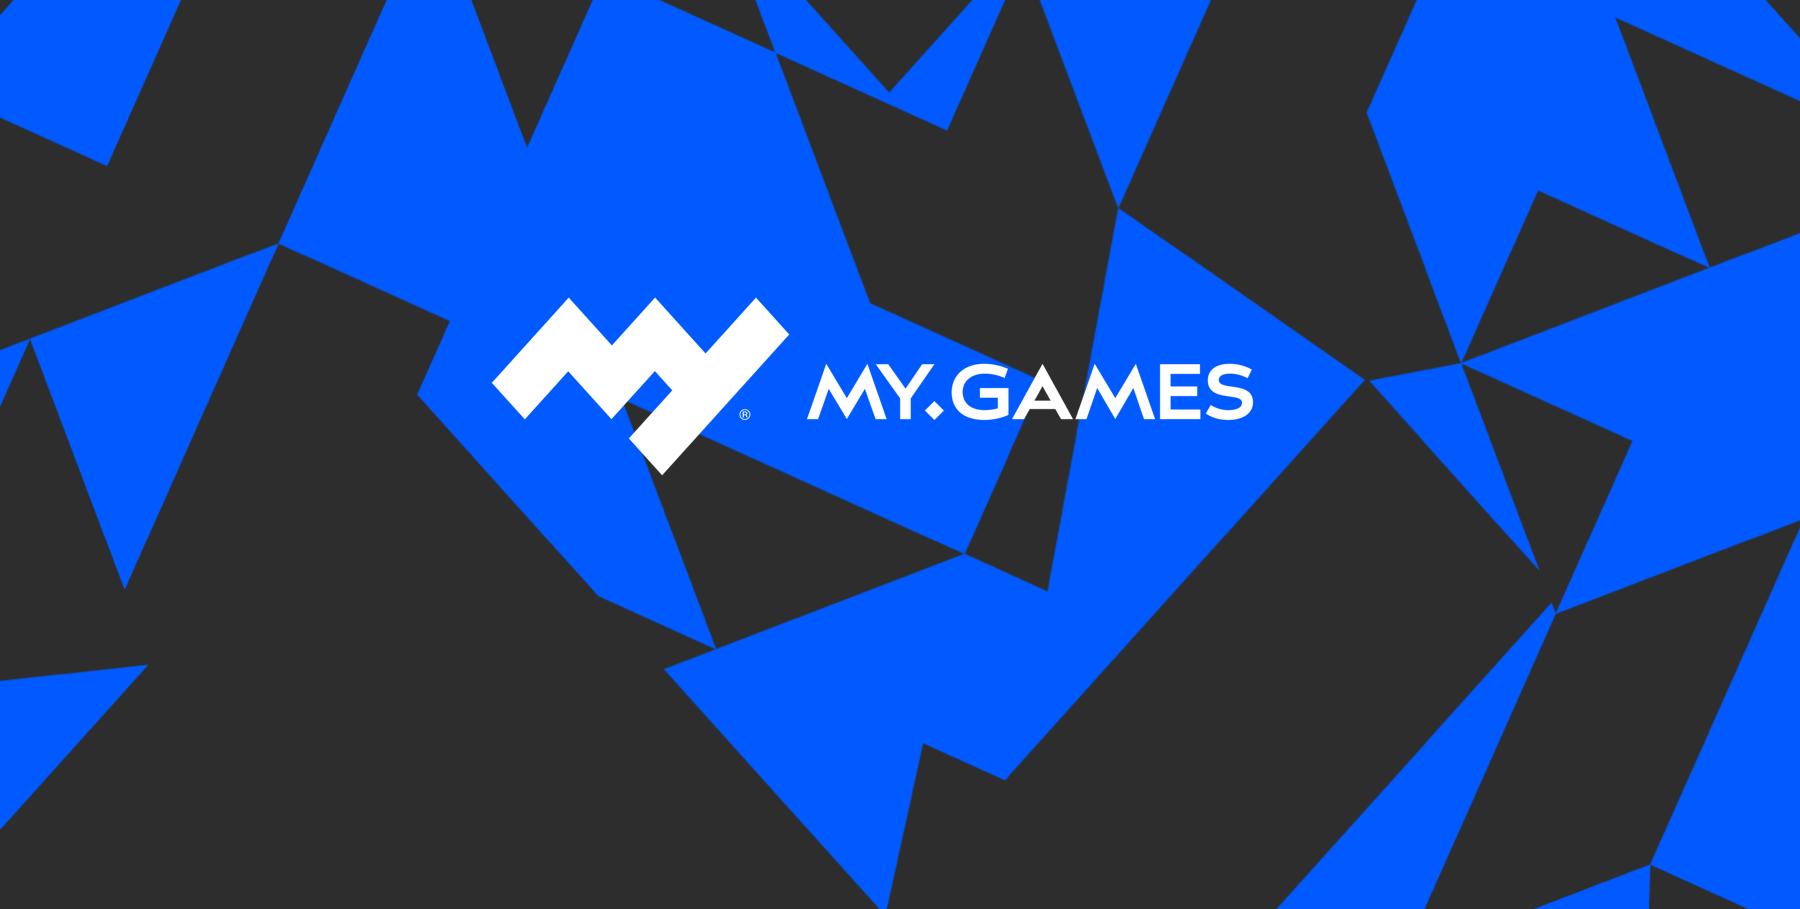 MY.GAMES отчитались за третий квартал 2020 года: выручка выросла на 33%